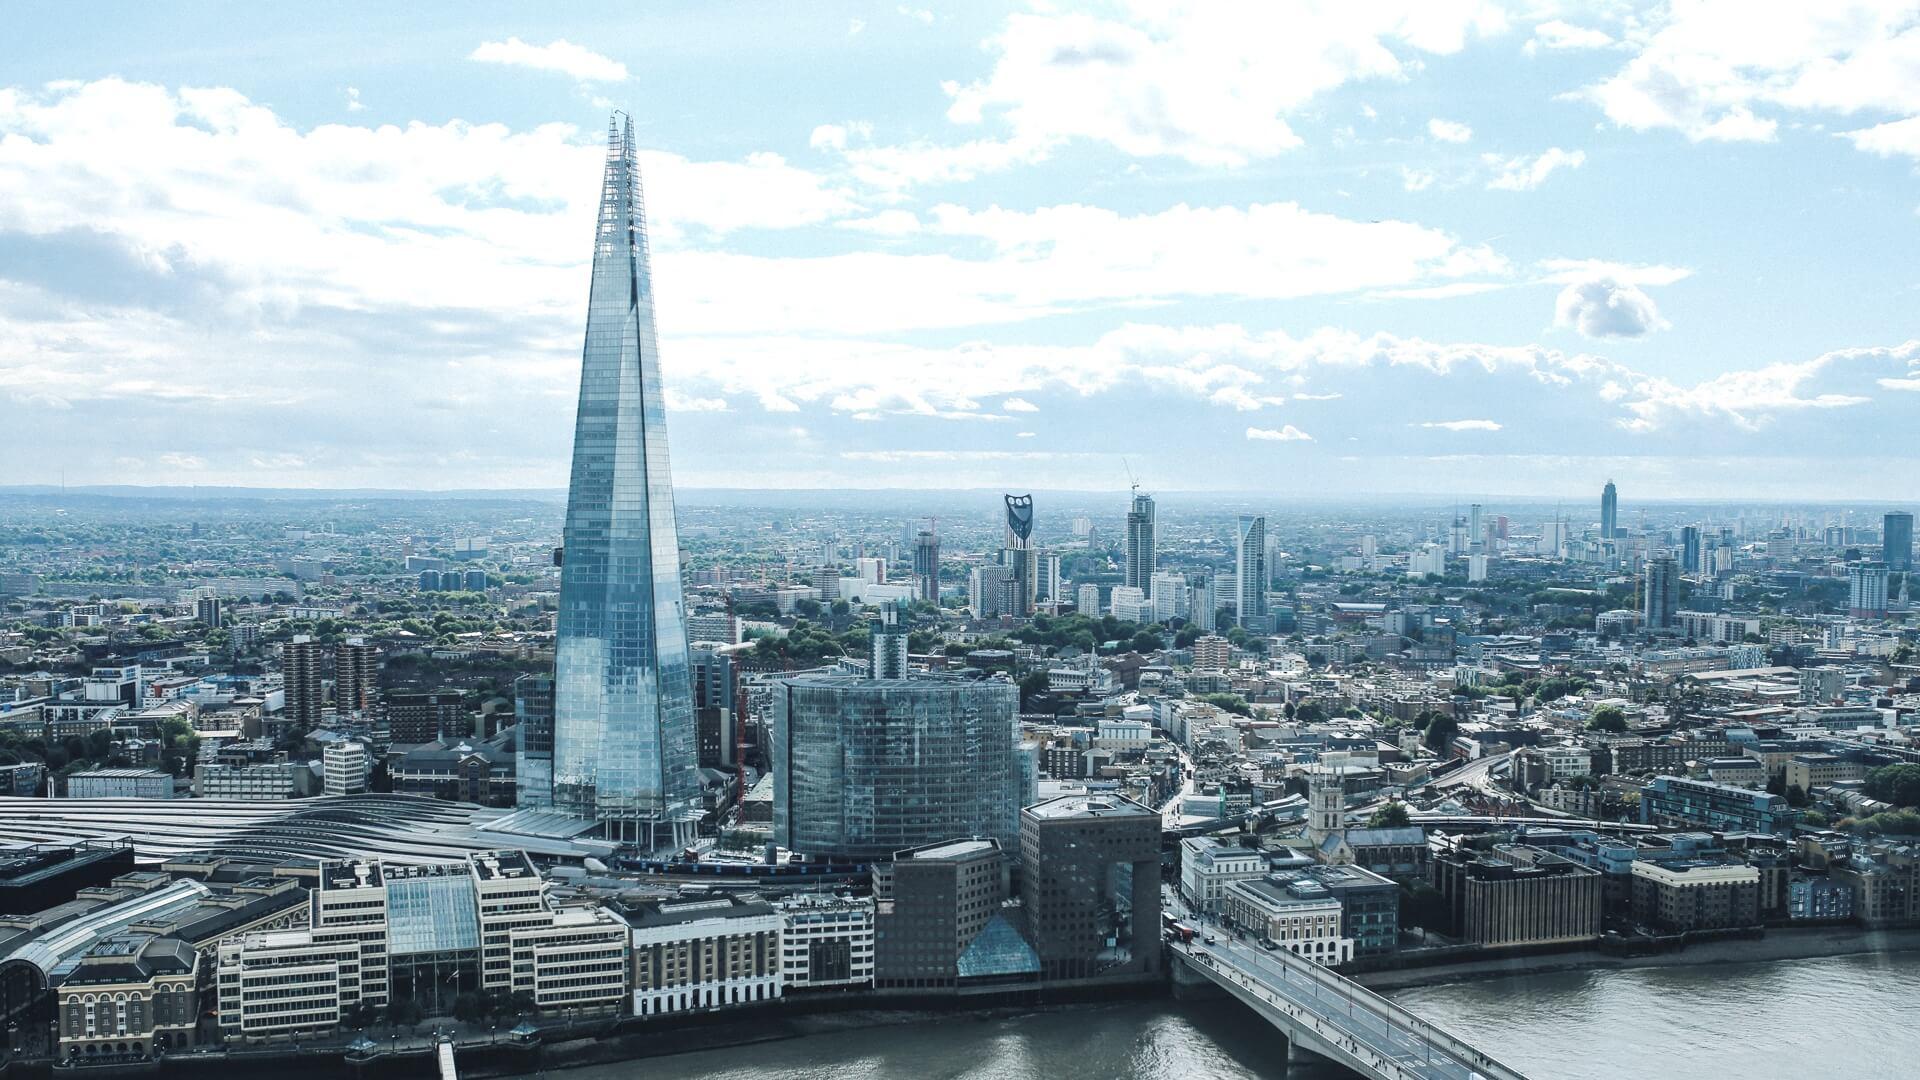 マンション・グローバル ジャパン高層ビルがかつてない人気を集めるロンドン